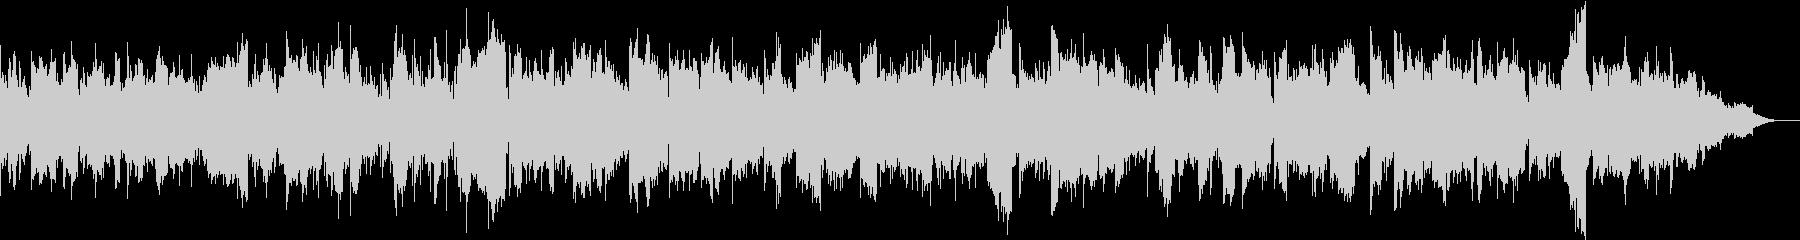 カノンコードと二胡を使った曲の未再生の波形